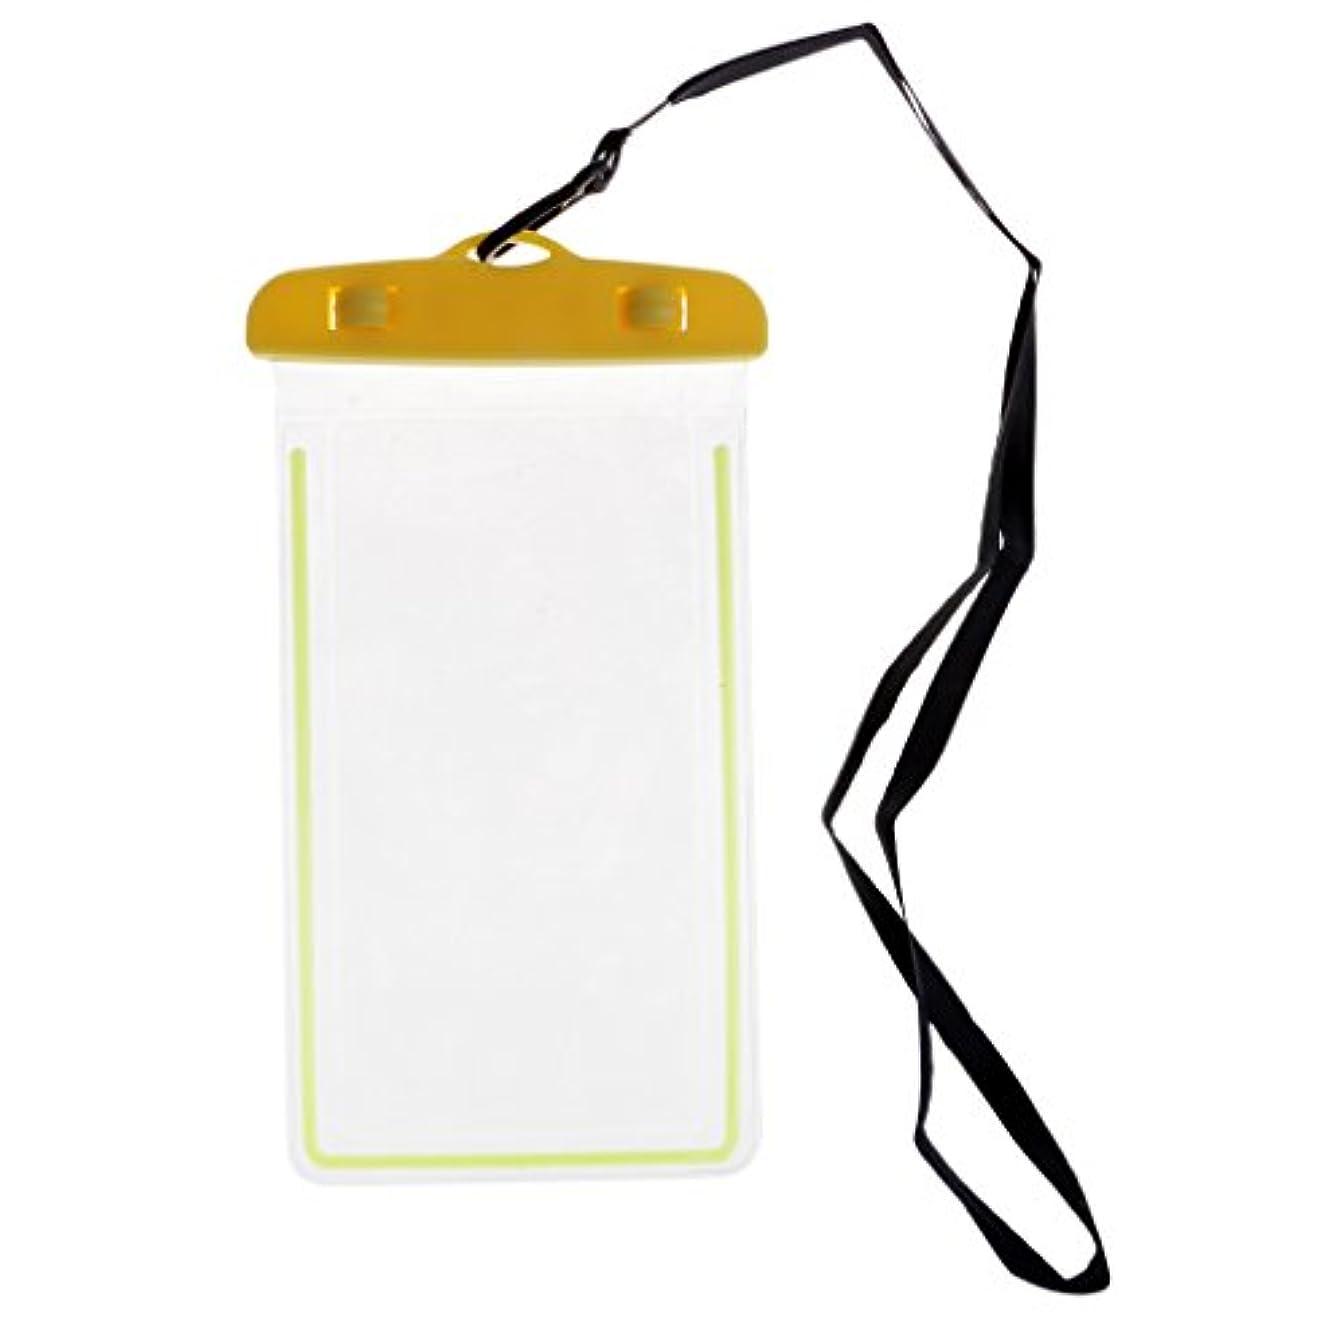 アイドル理論的付けるSunniMix 防水ケース 水中ポーチ ドライバッグ ケース カバー 屋外 携帯電話 ドリフトバッグ 水泳バッグ 透明 PVC 防水スリーブ 最大6インチスマホに対応 全8色